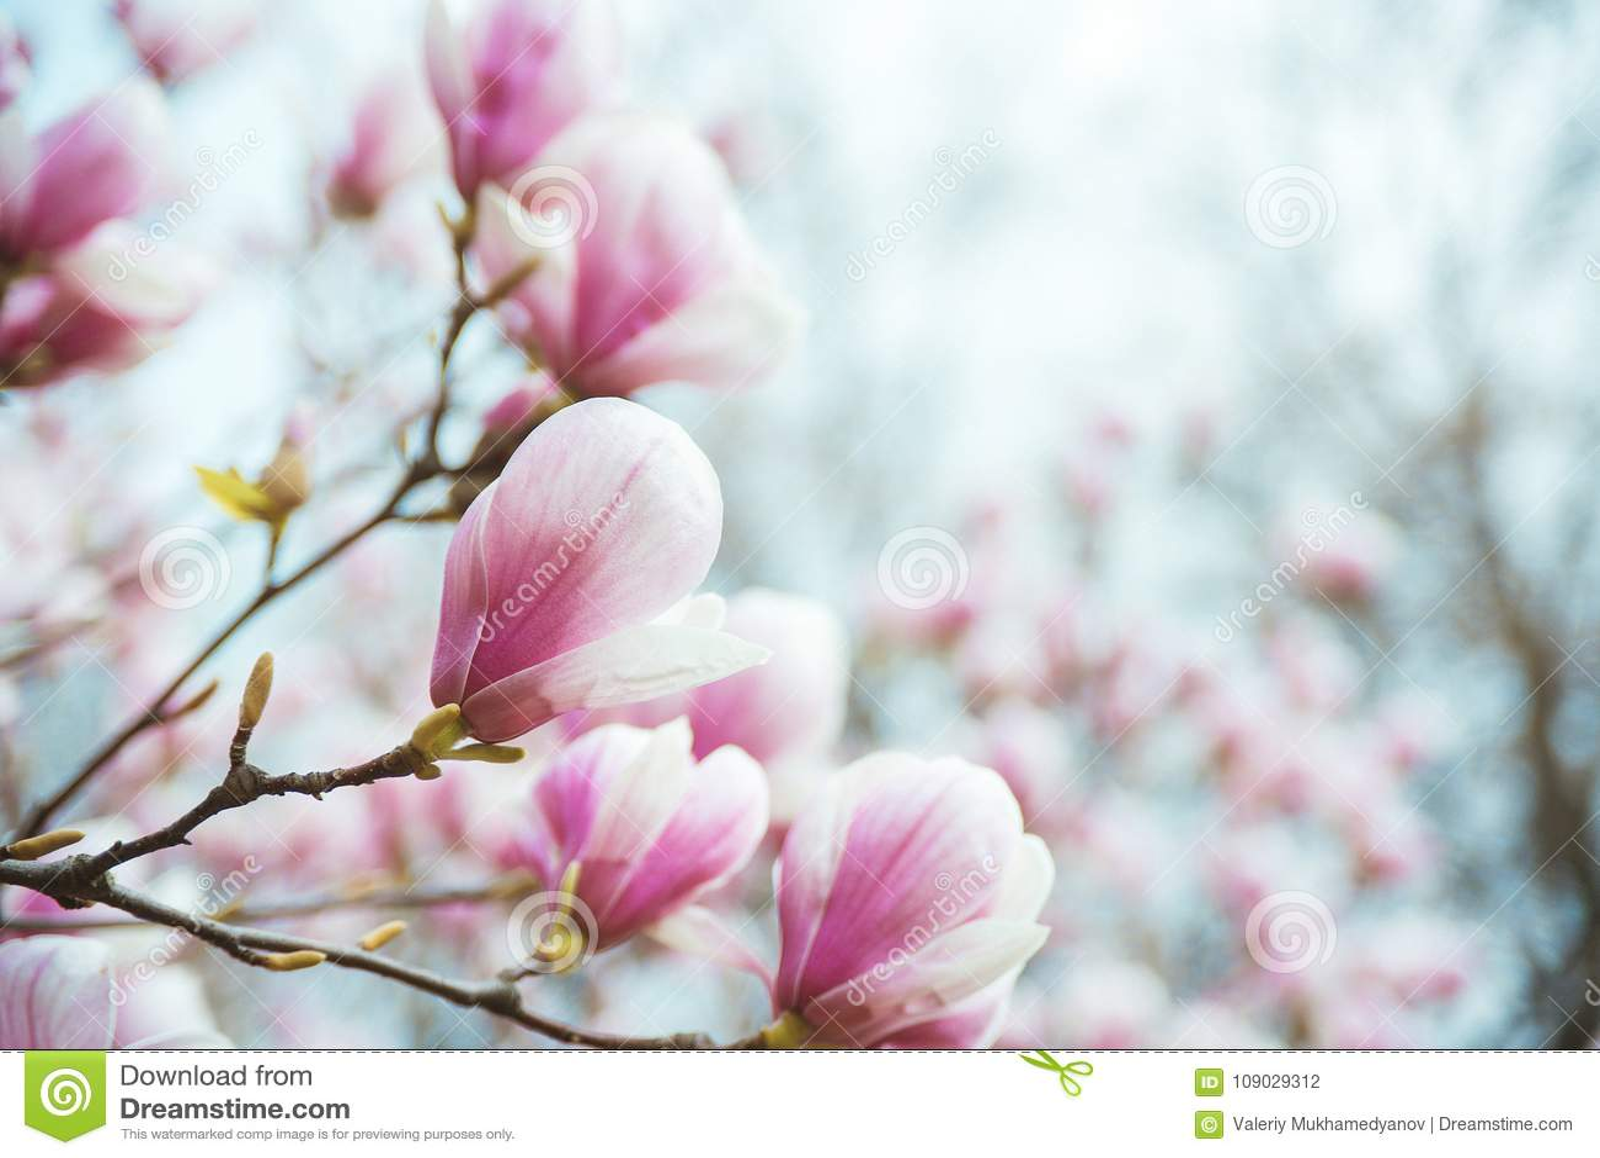 Blommande träd för magnolia på filial över suddig naturlig bakgrund